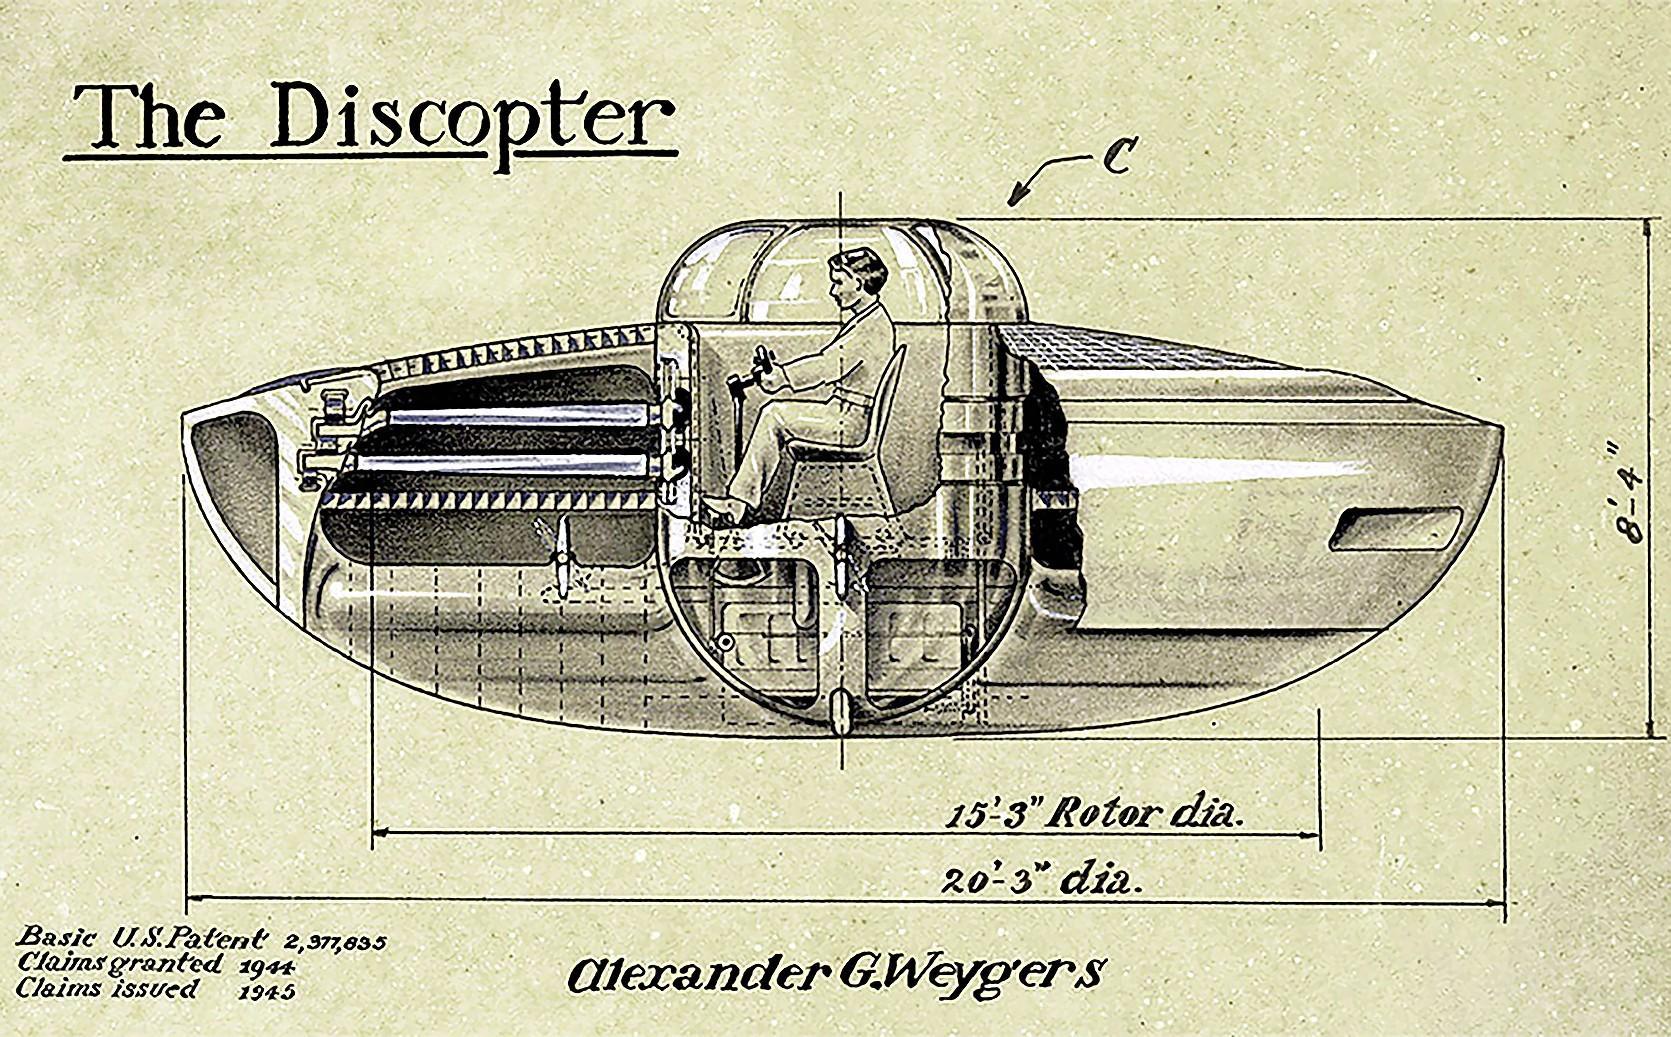 Vergeet de ufo. De vliegende schotels zijn bedacht door een Nederlander